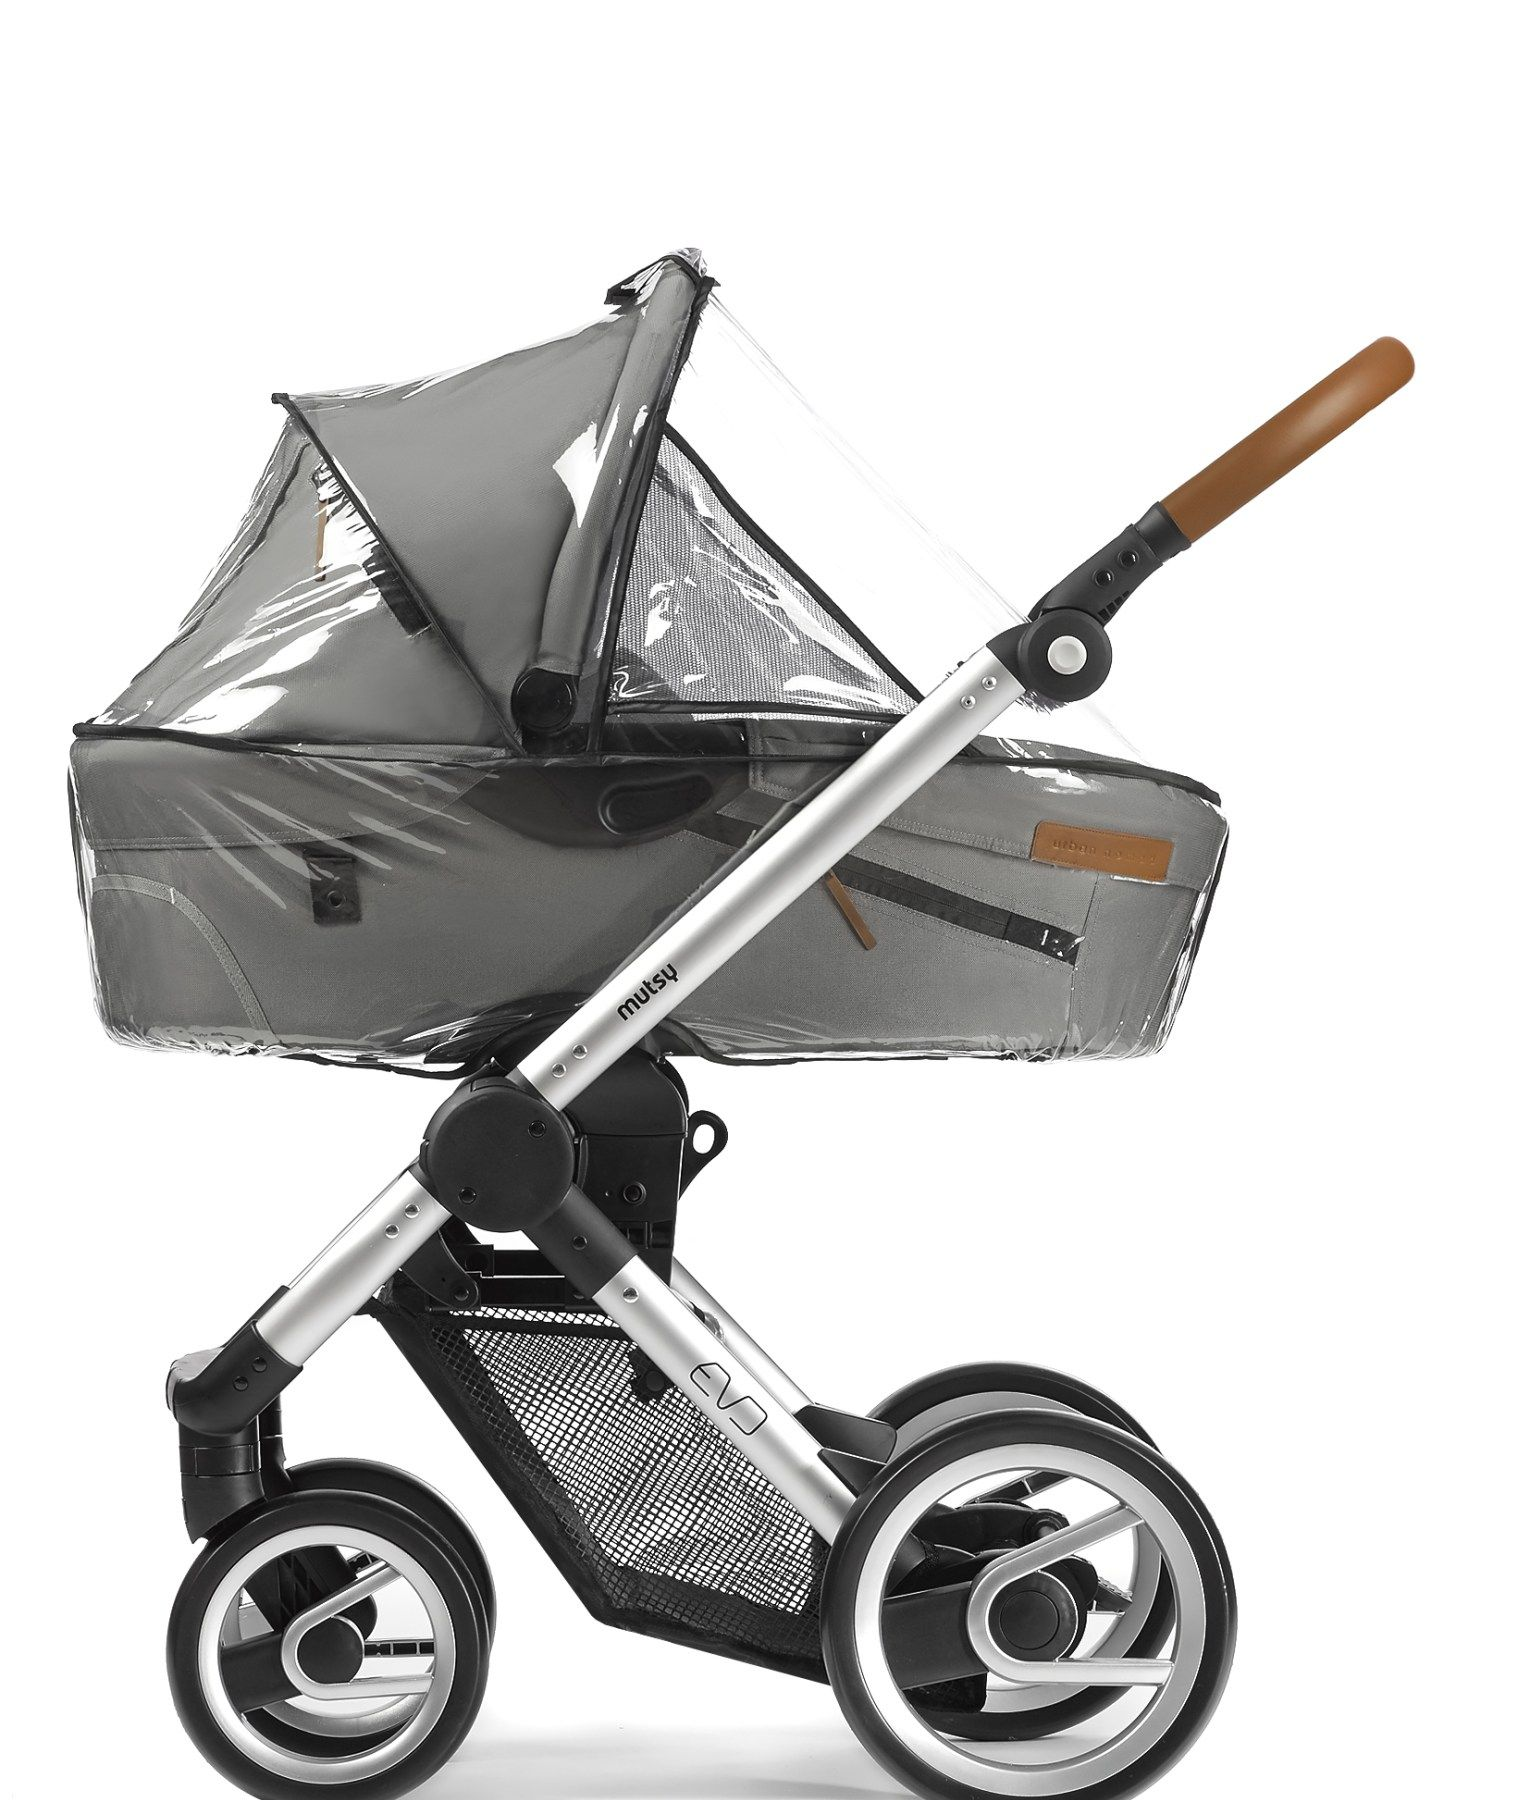 Mutsy Evo Rain Cover Urban stroller, Baby bath